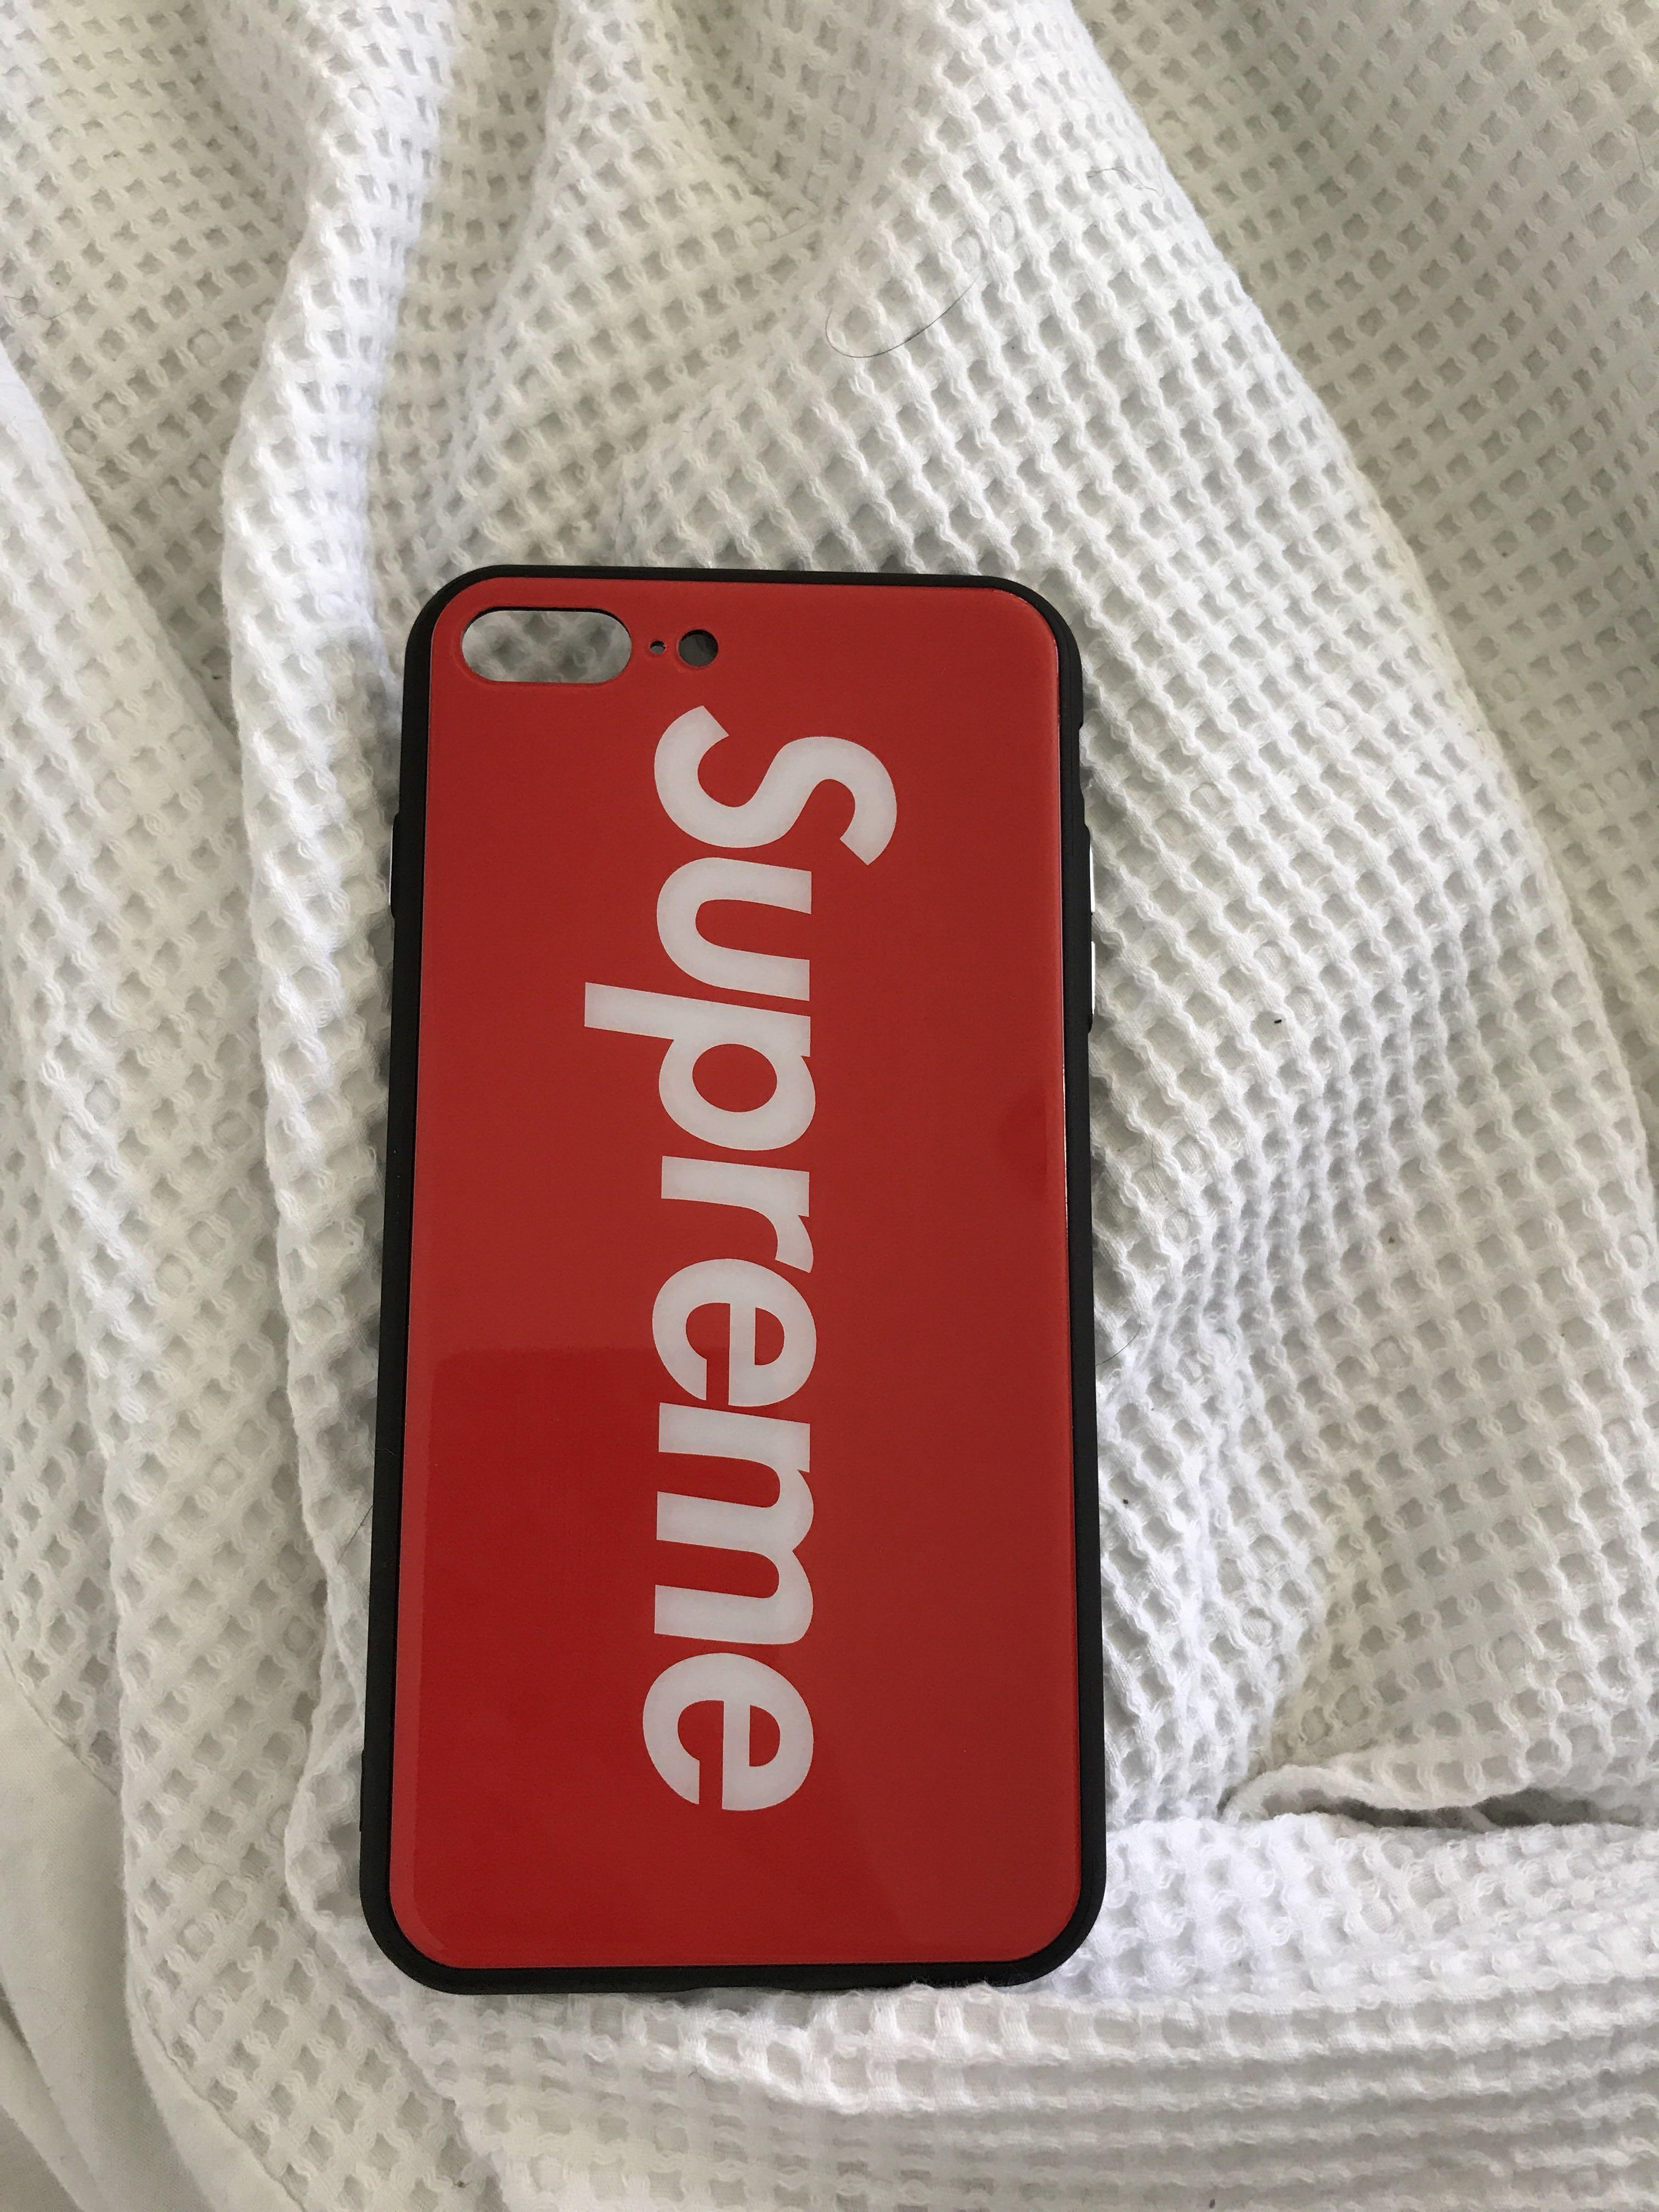 Supreme iPhone 6,7,8 plus case